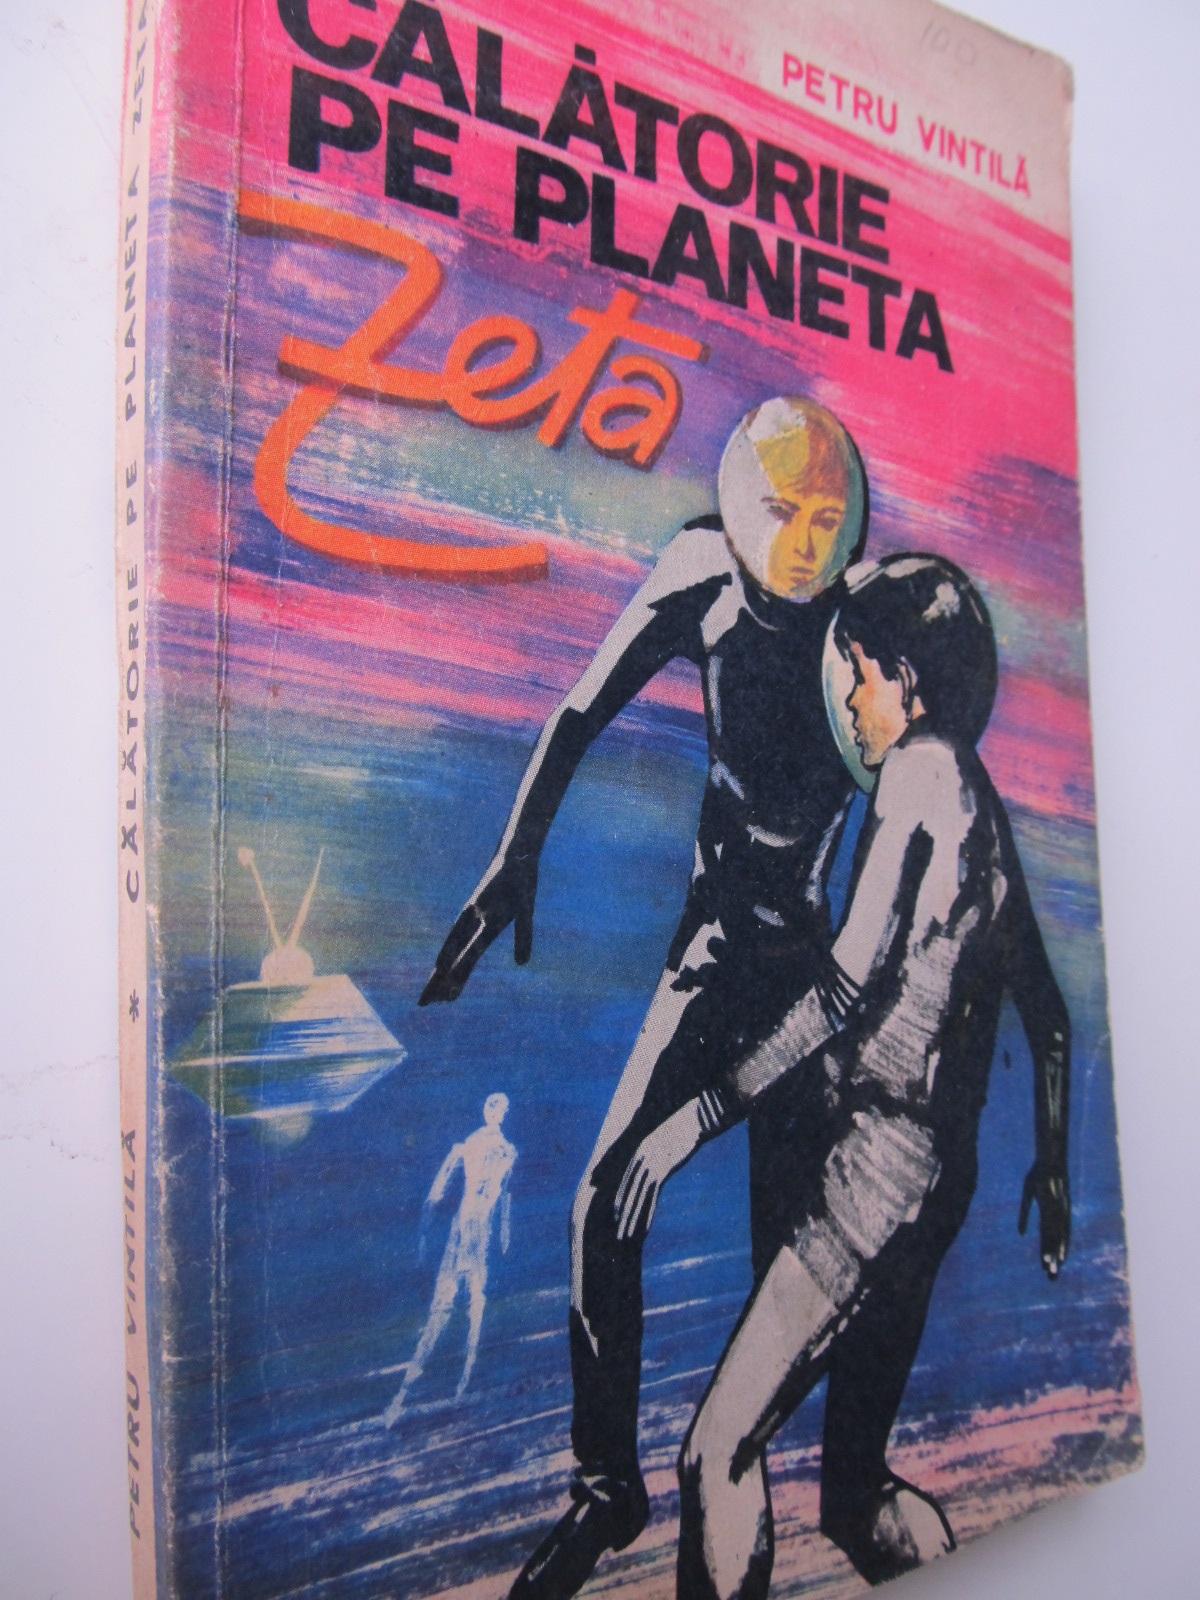 Calatorie pe planeta Zeta - Petru Vintila   Detalii carte